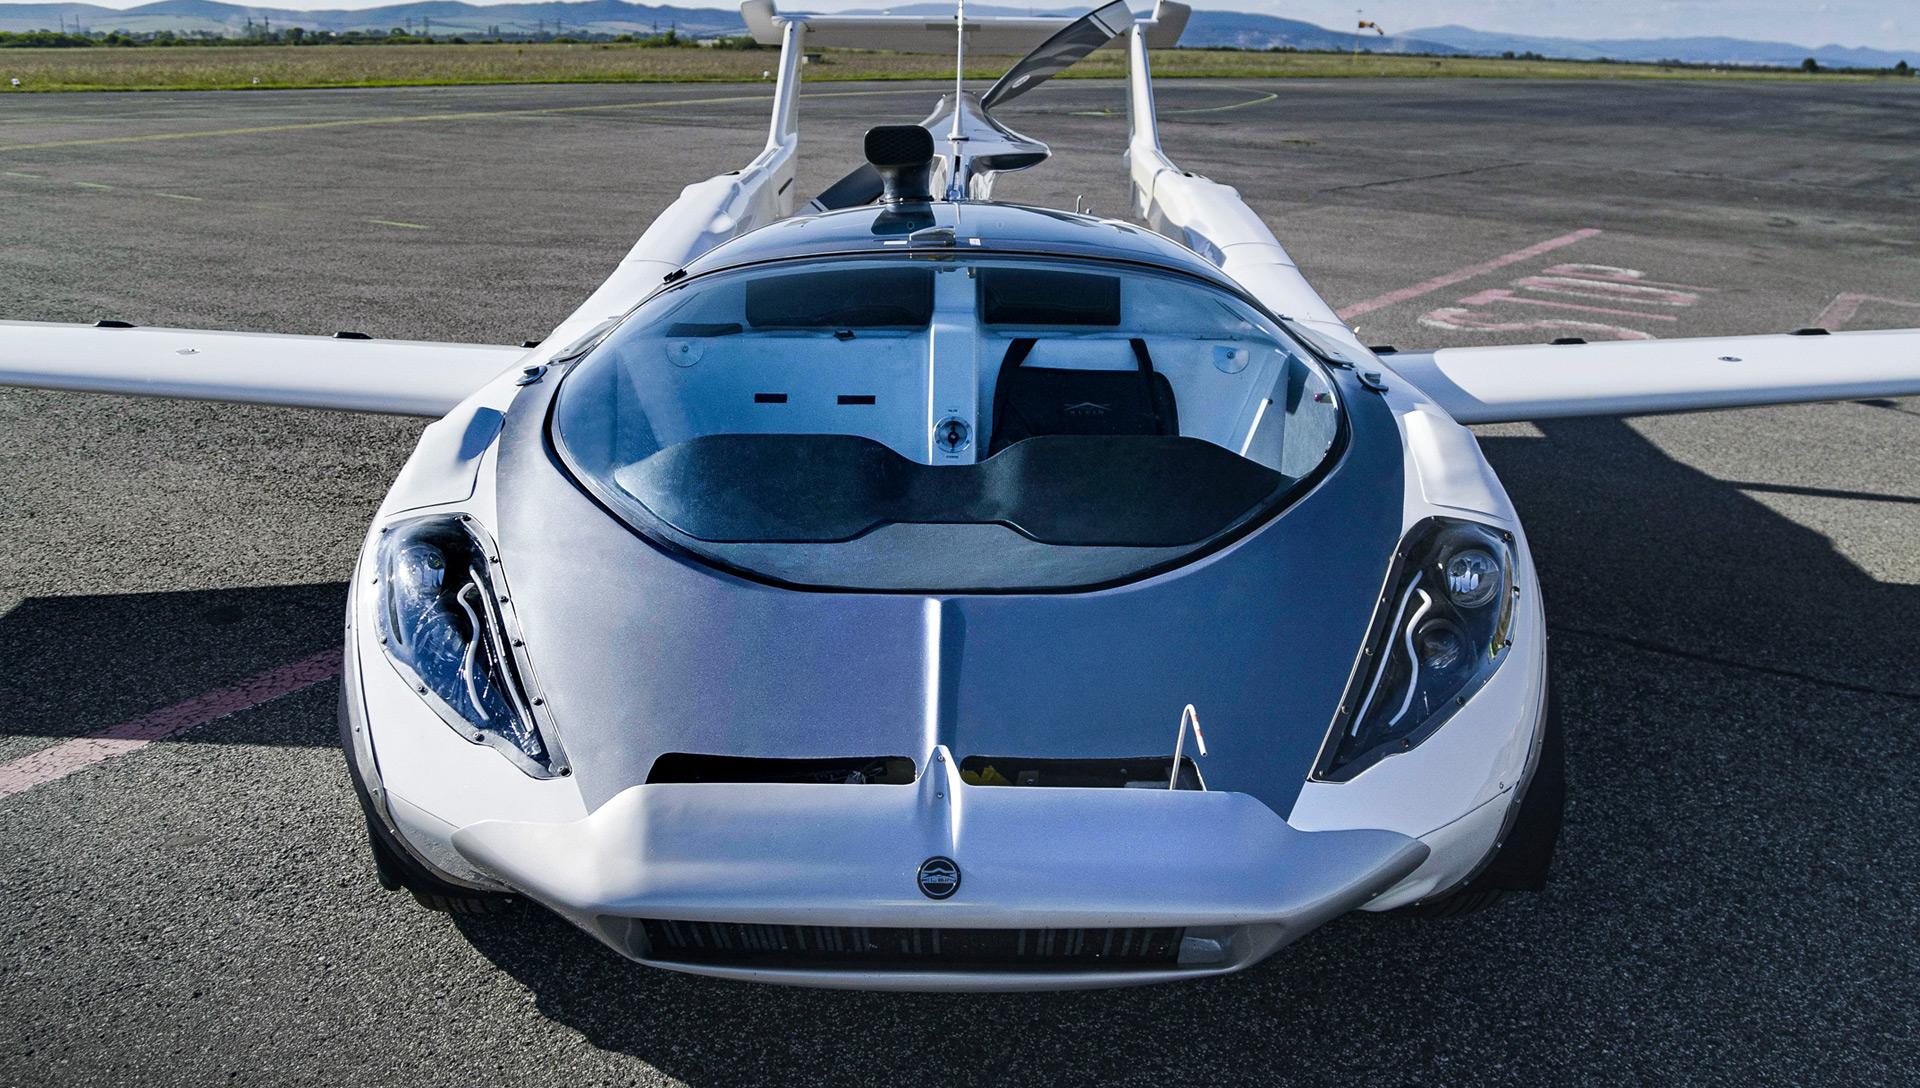 klein-vision-air-car_100797938_h